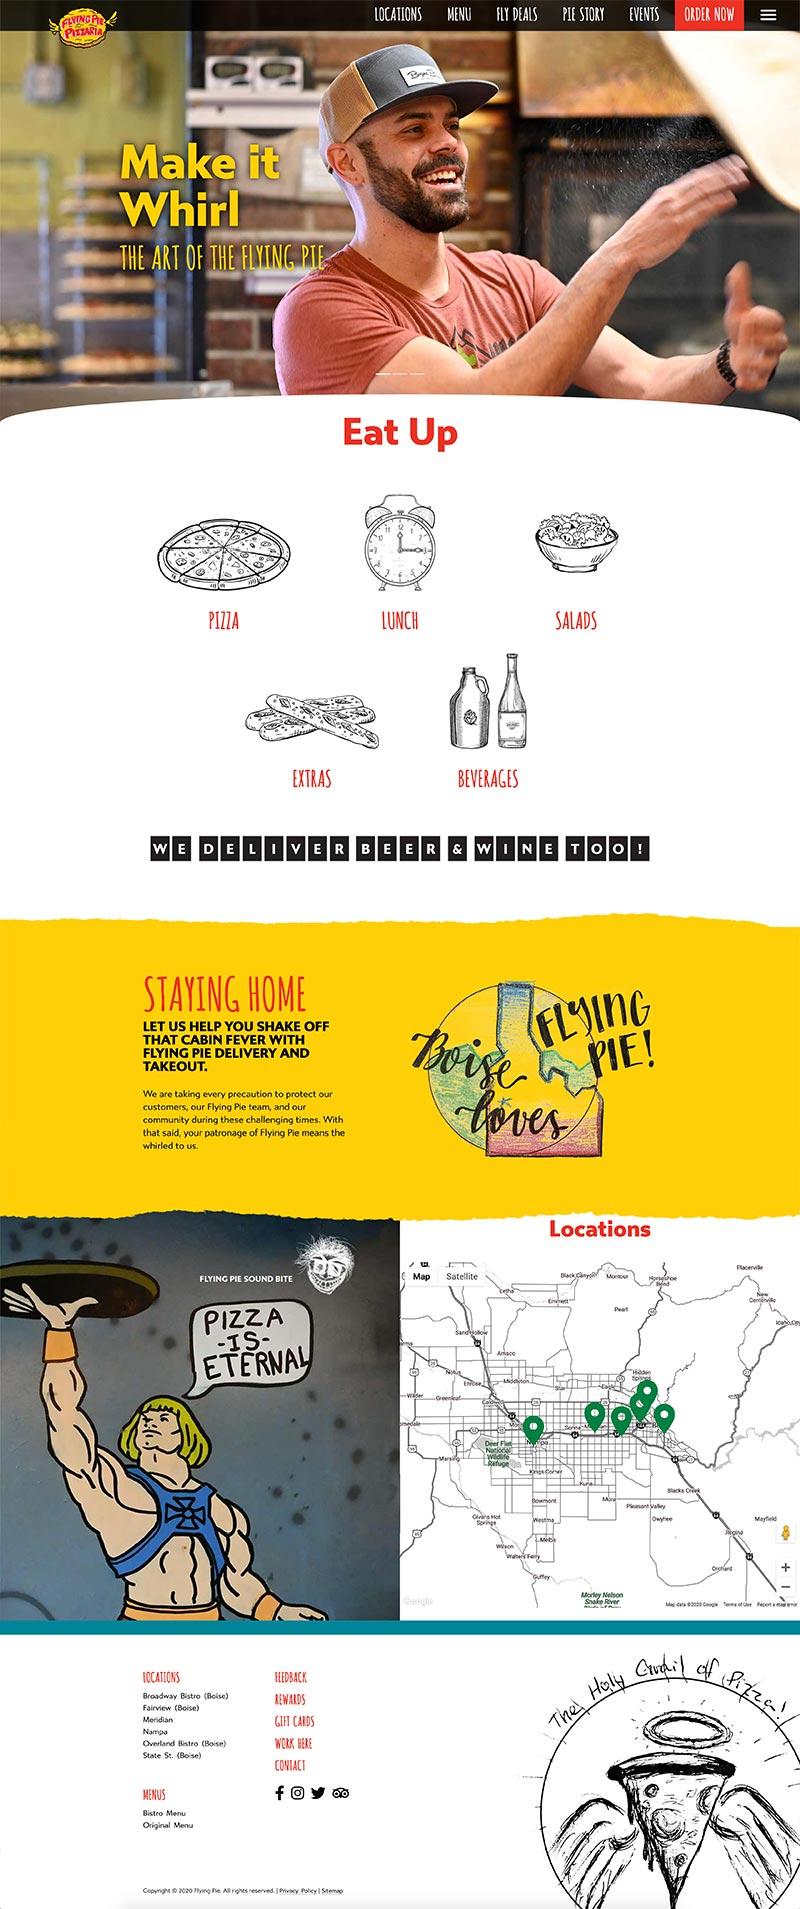 Flying Pie website